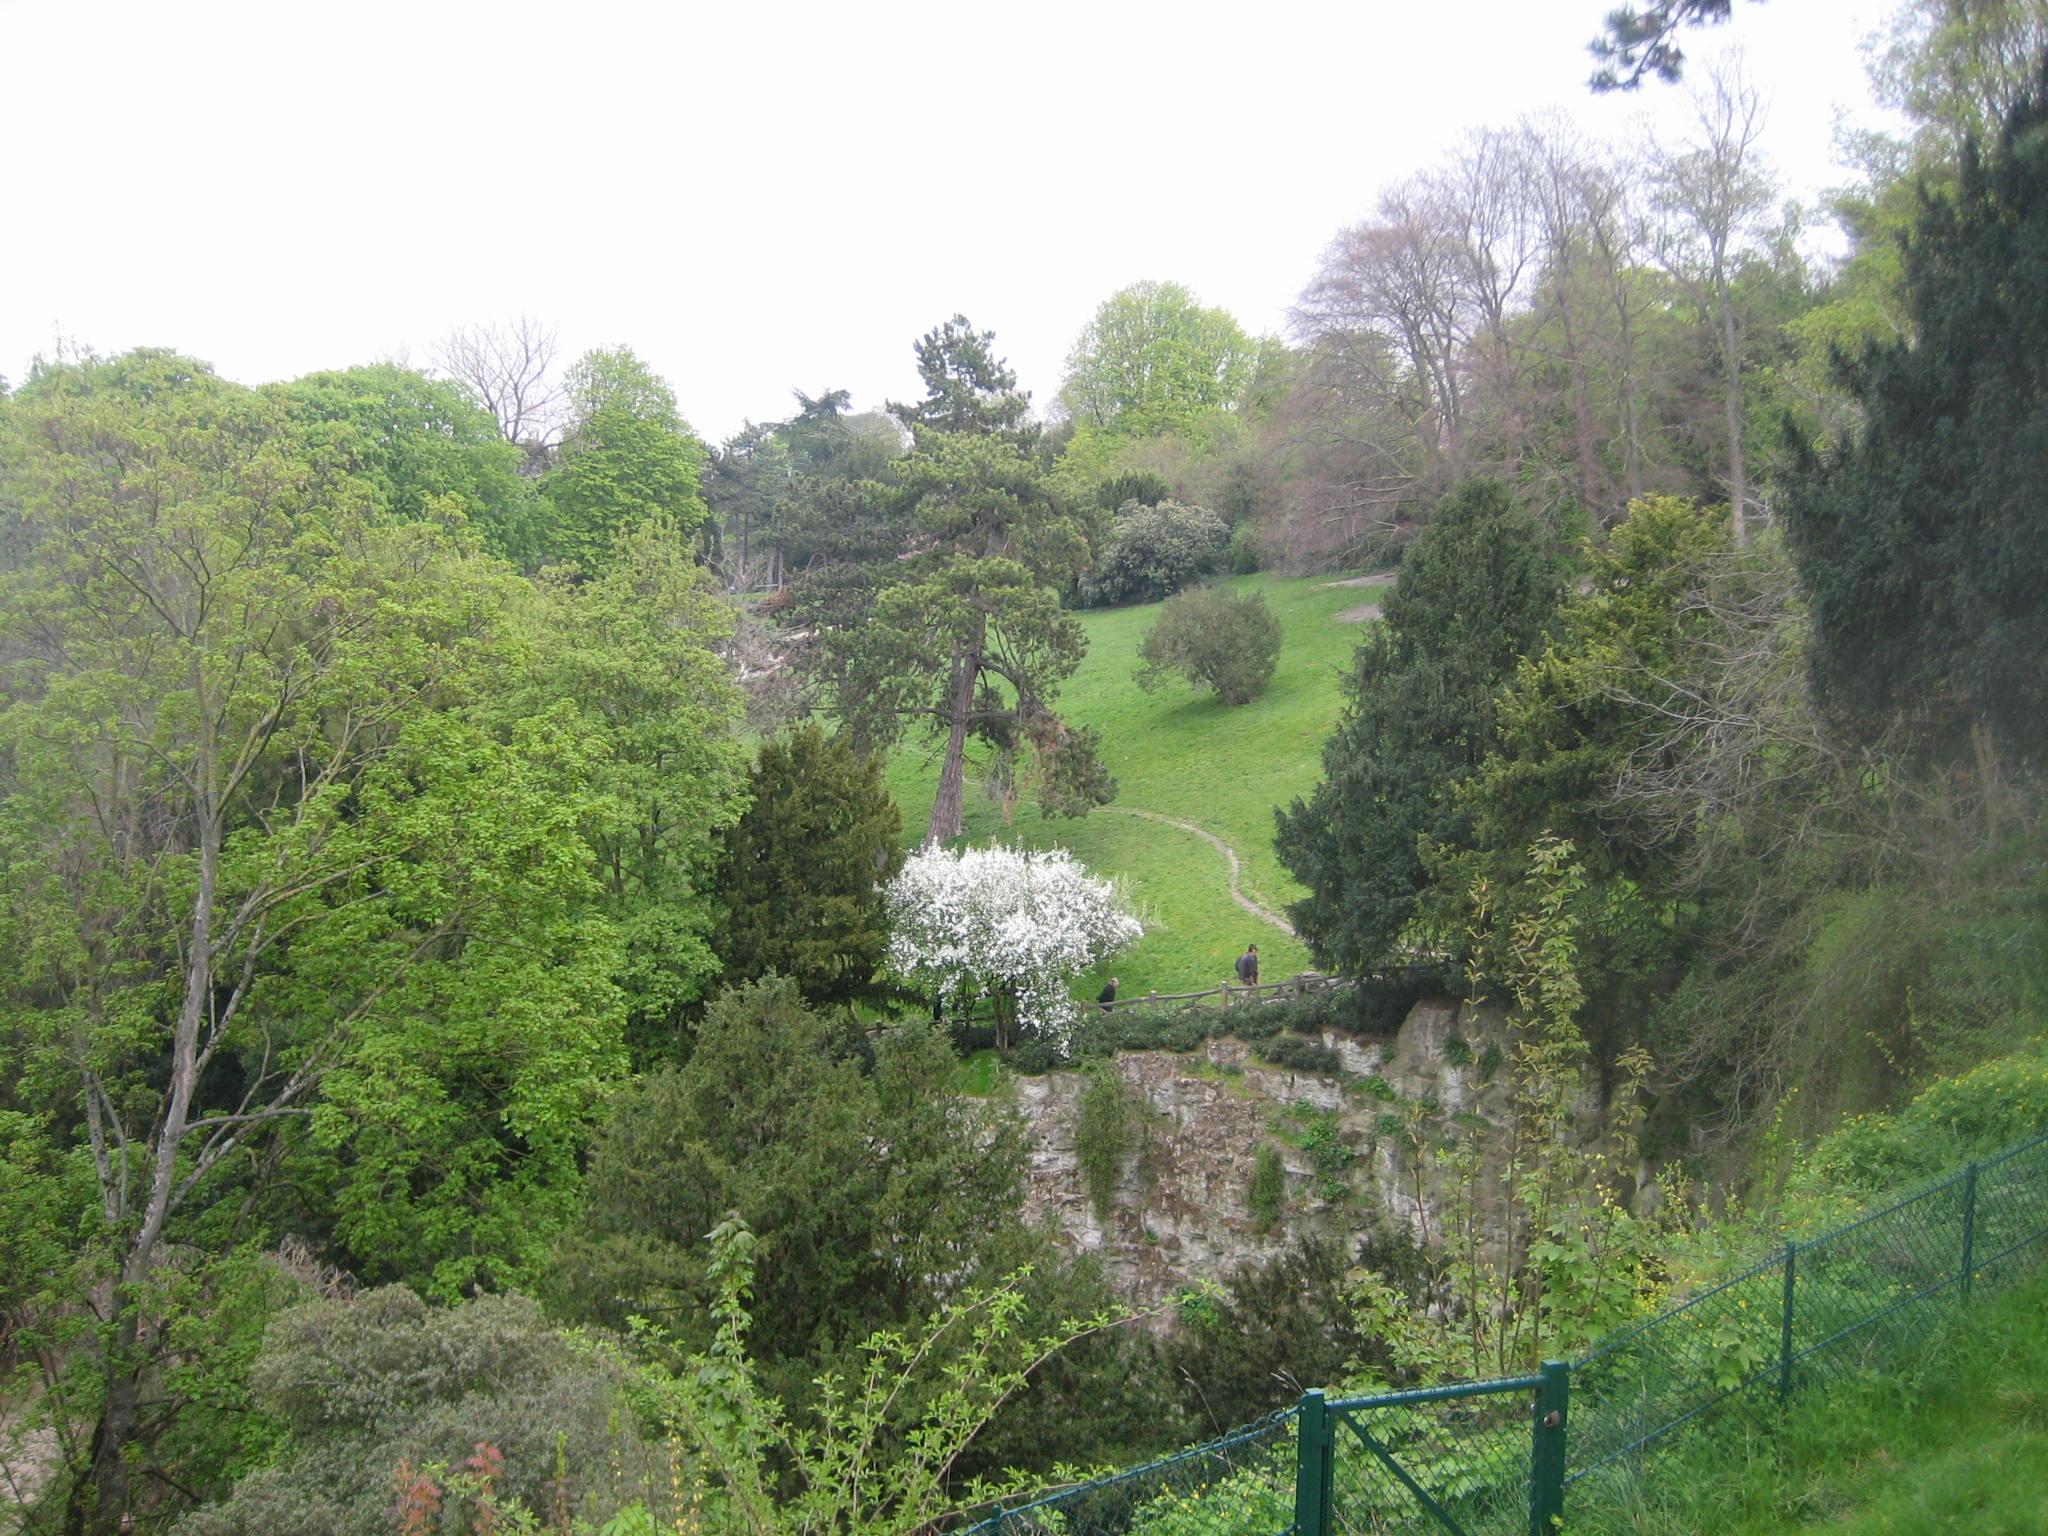 Parc des Buttes-Chaumont Maison du Jardinage - Pôle ressource Jardinage Urbain Paris